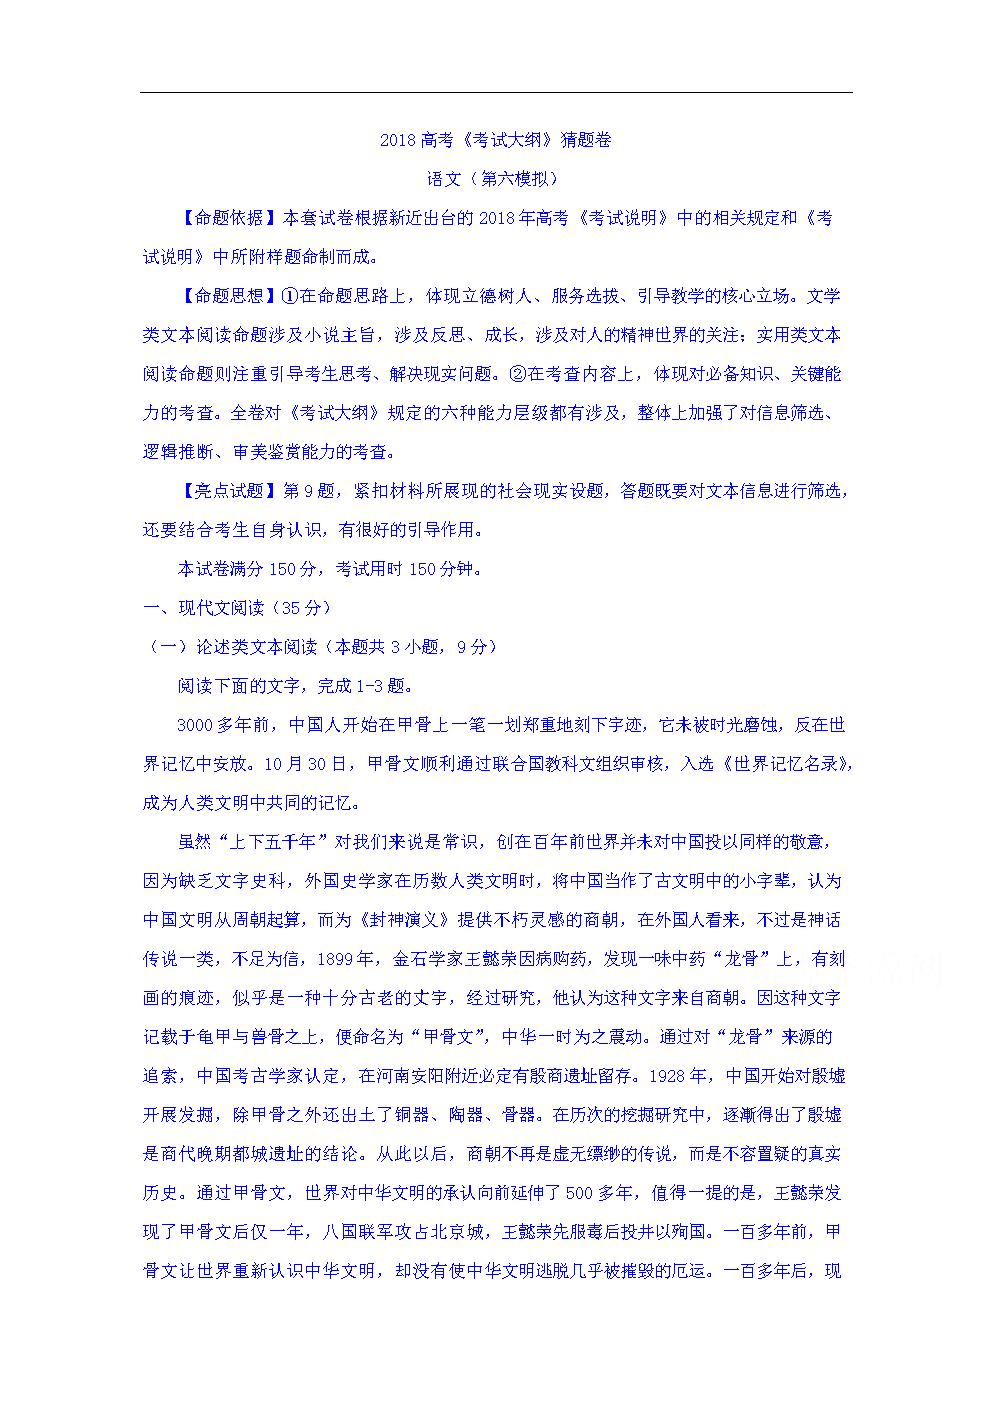 文章的开头承接文章的标题,以甲骨文人选《世界记忆名录》的重大事件